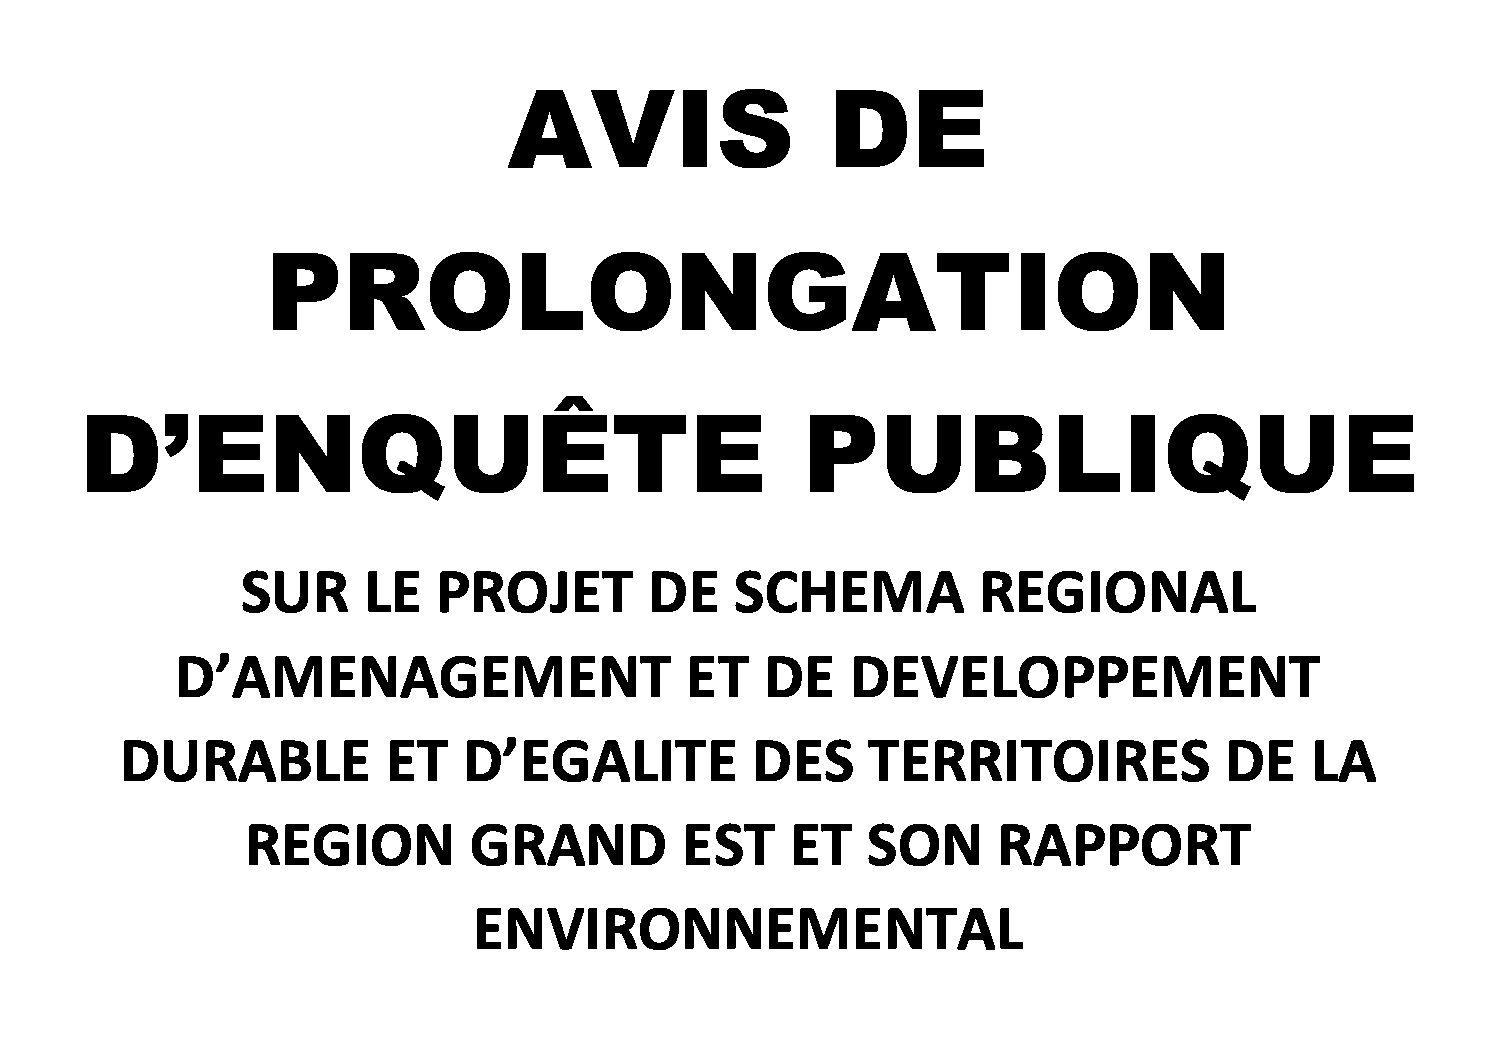 AVIS DE PROLONGATION D'ENQUÊTE PUBLIQUE SRADDET